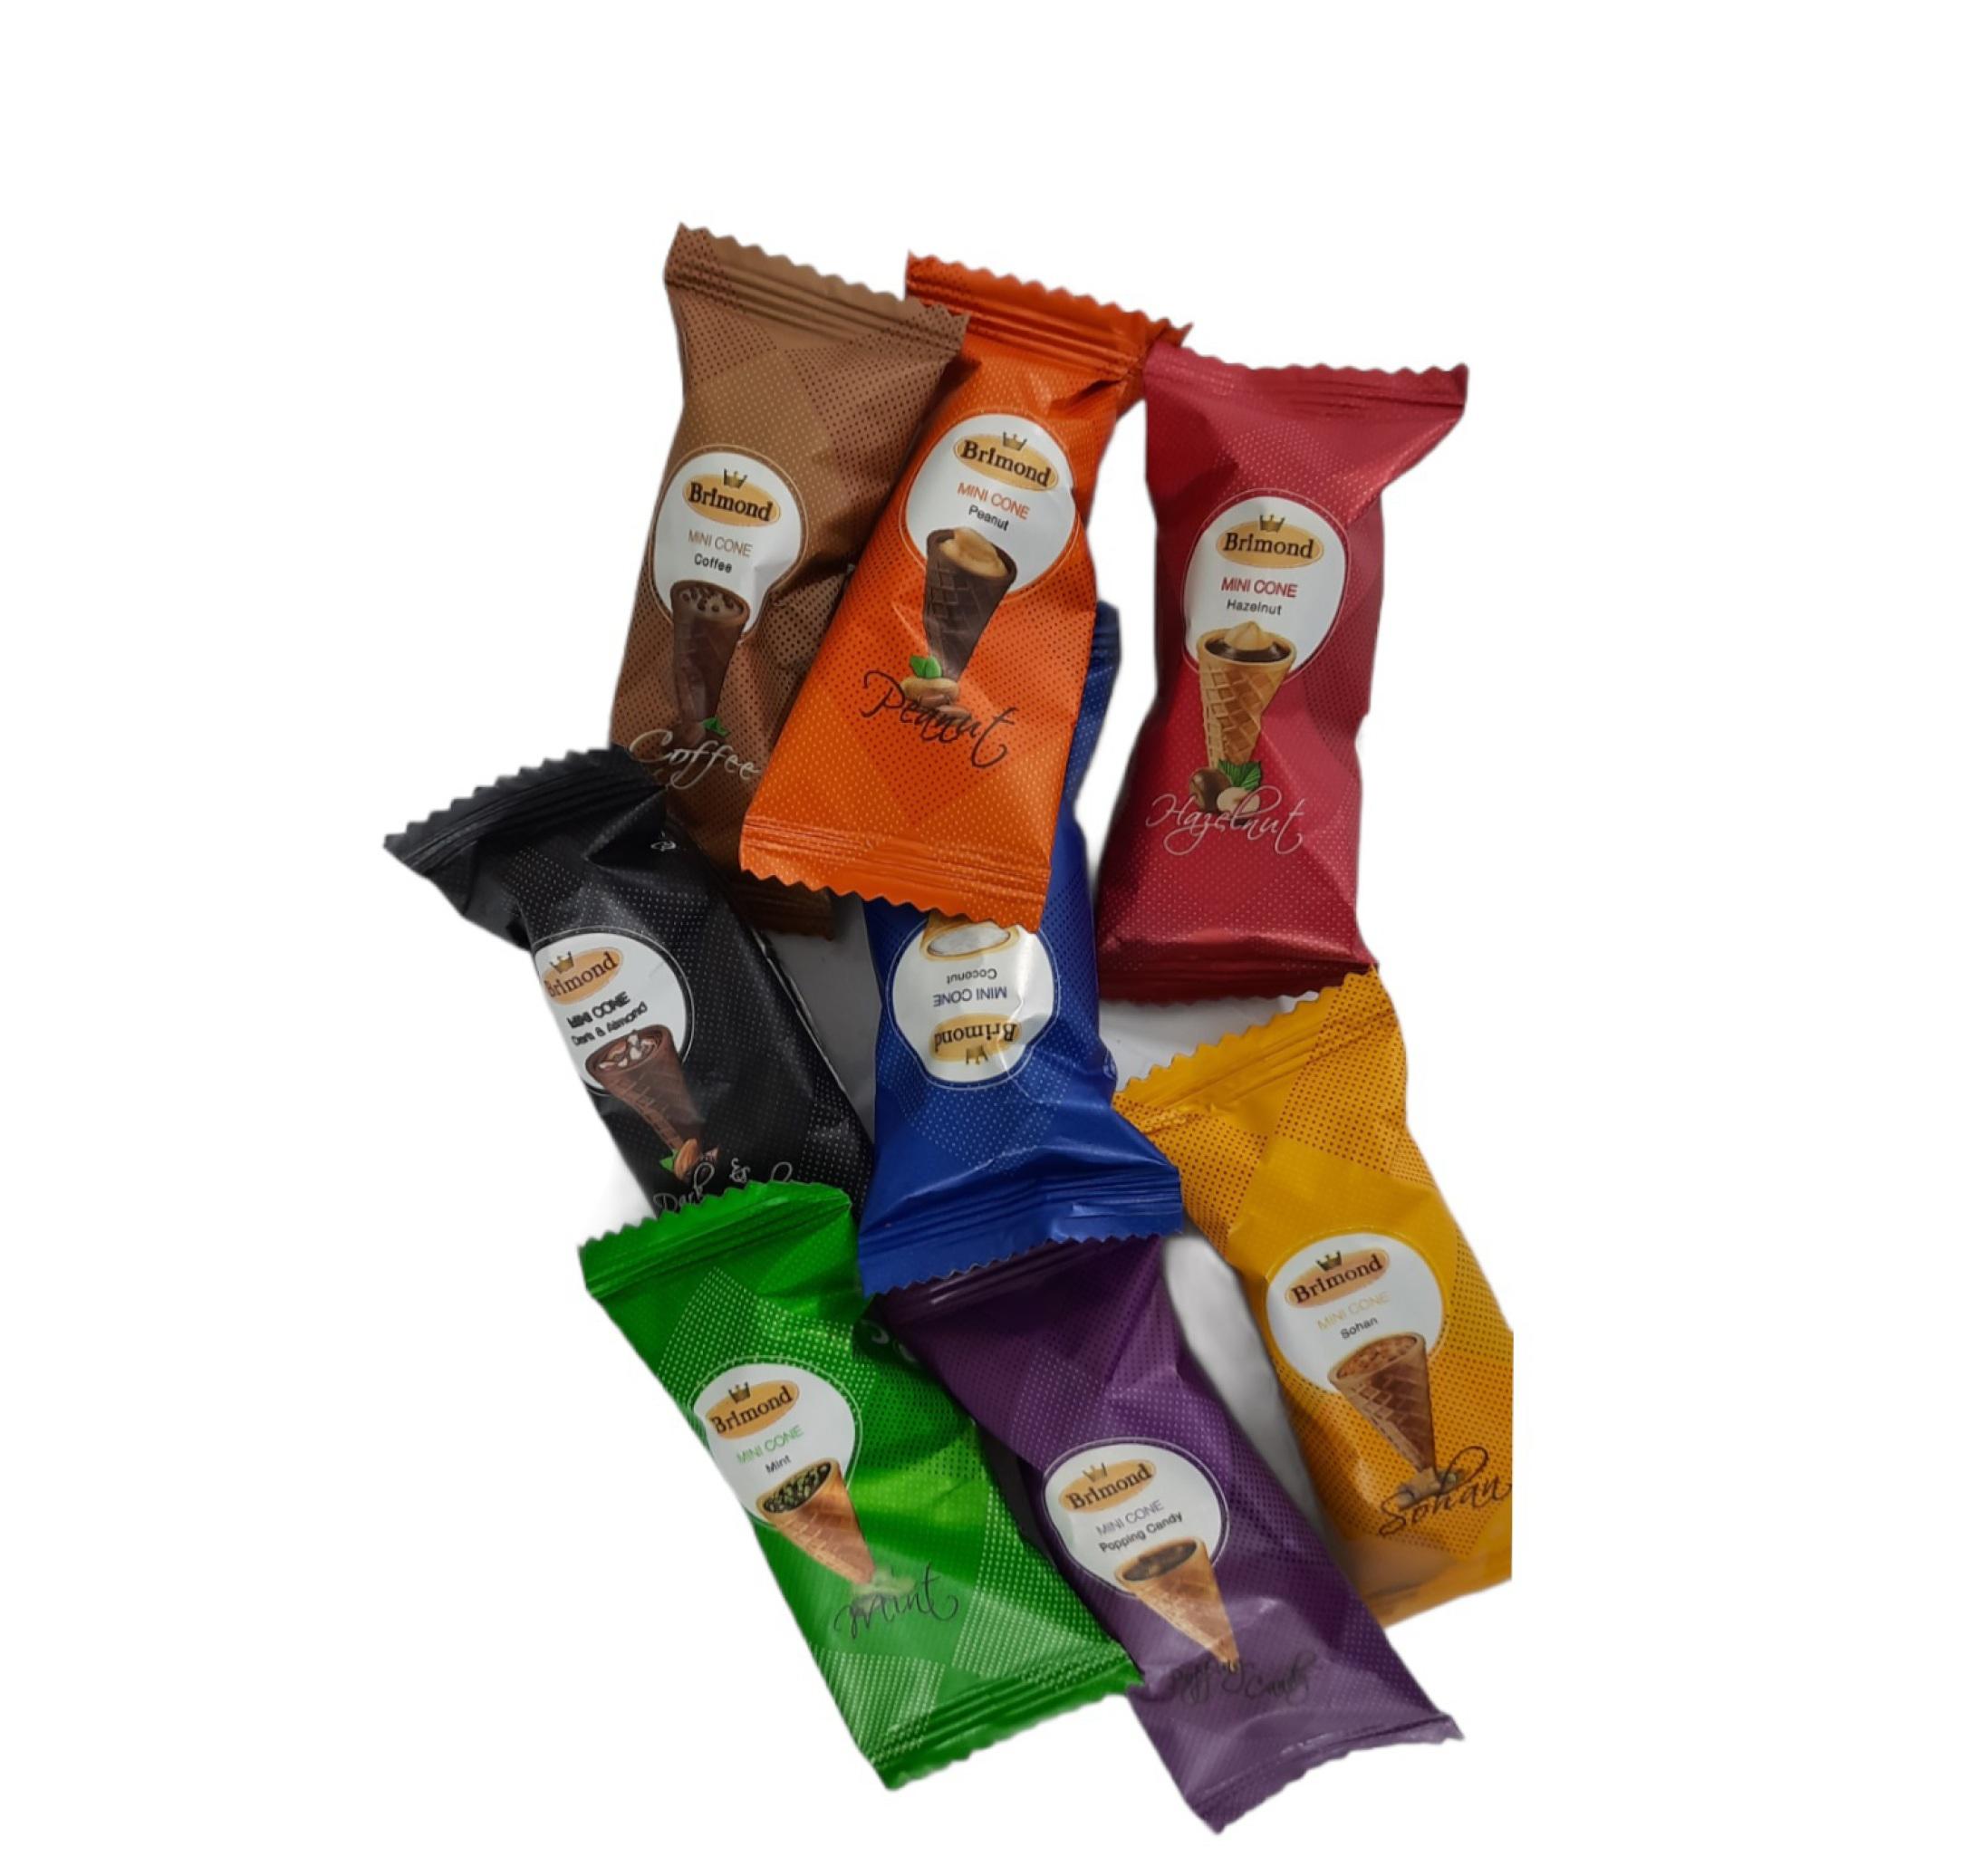 شکلات قیفی بریموند رنگین کمان کاله سوربن فروش عمده و خرده انواع شکلات وجی اسنک و وجیسنک